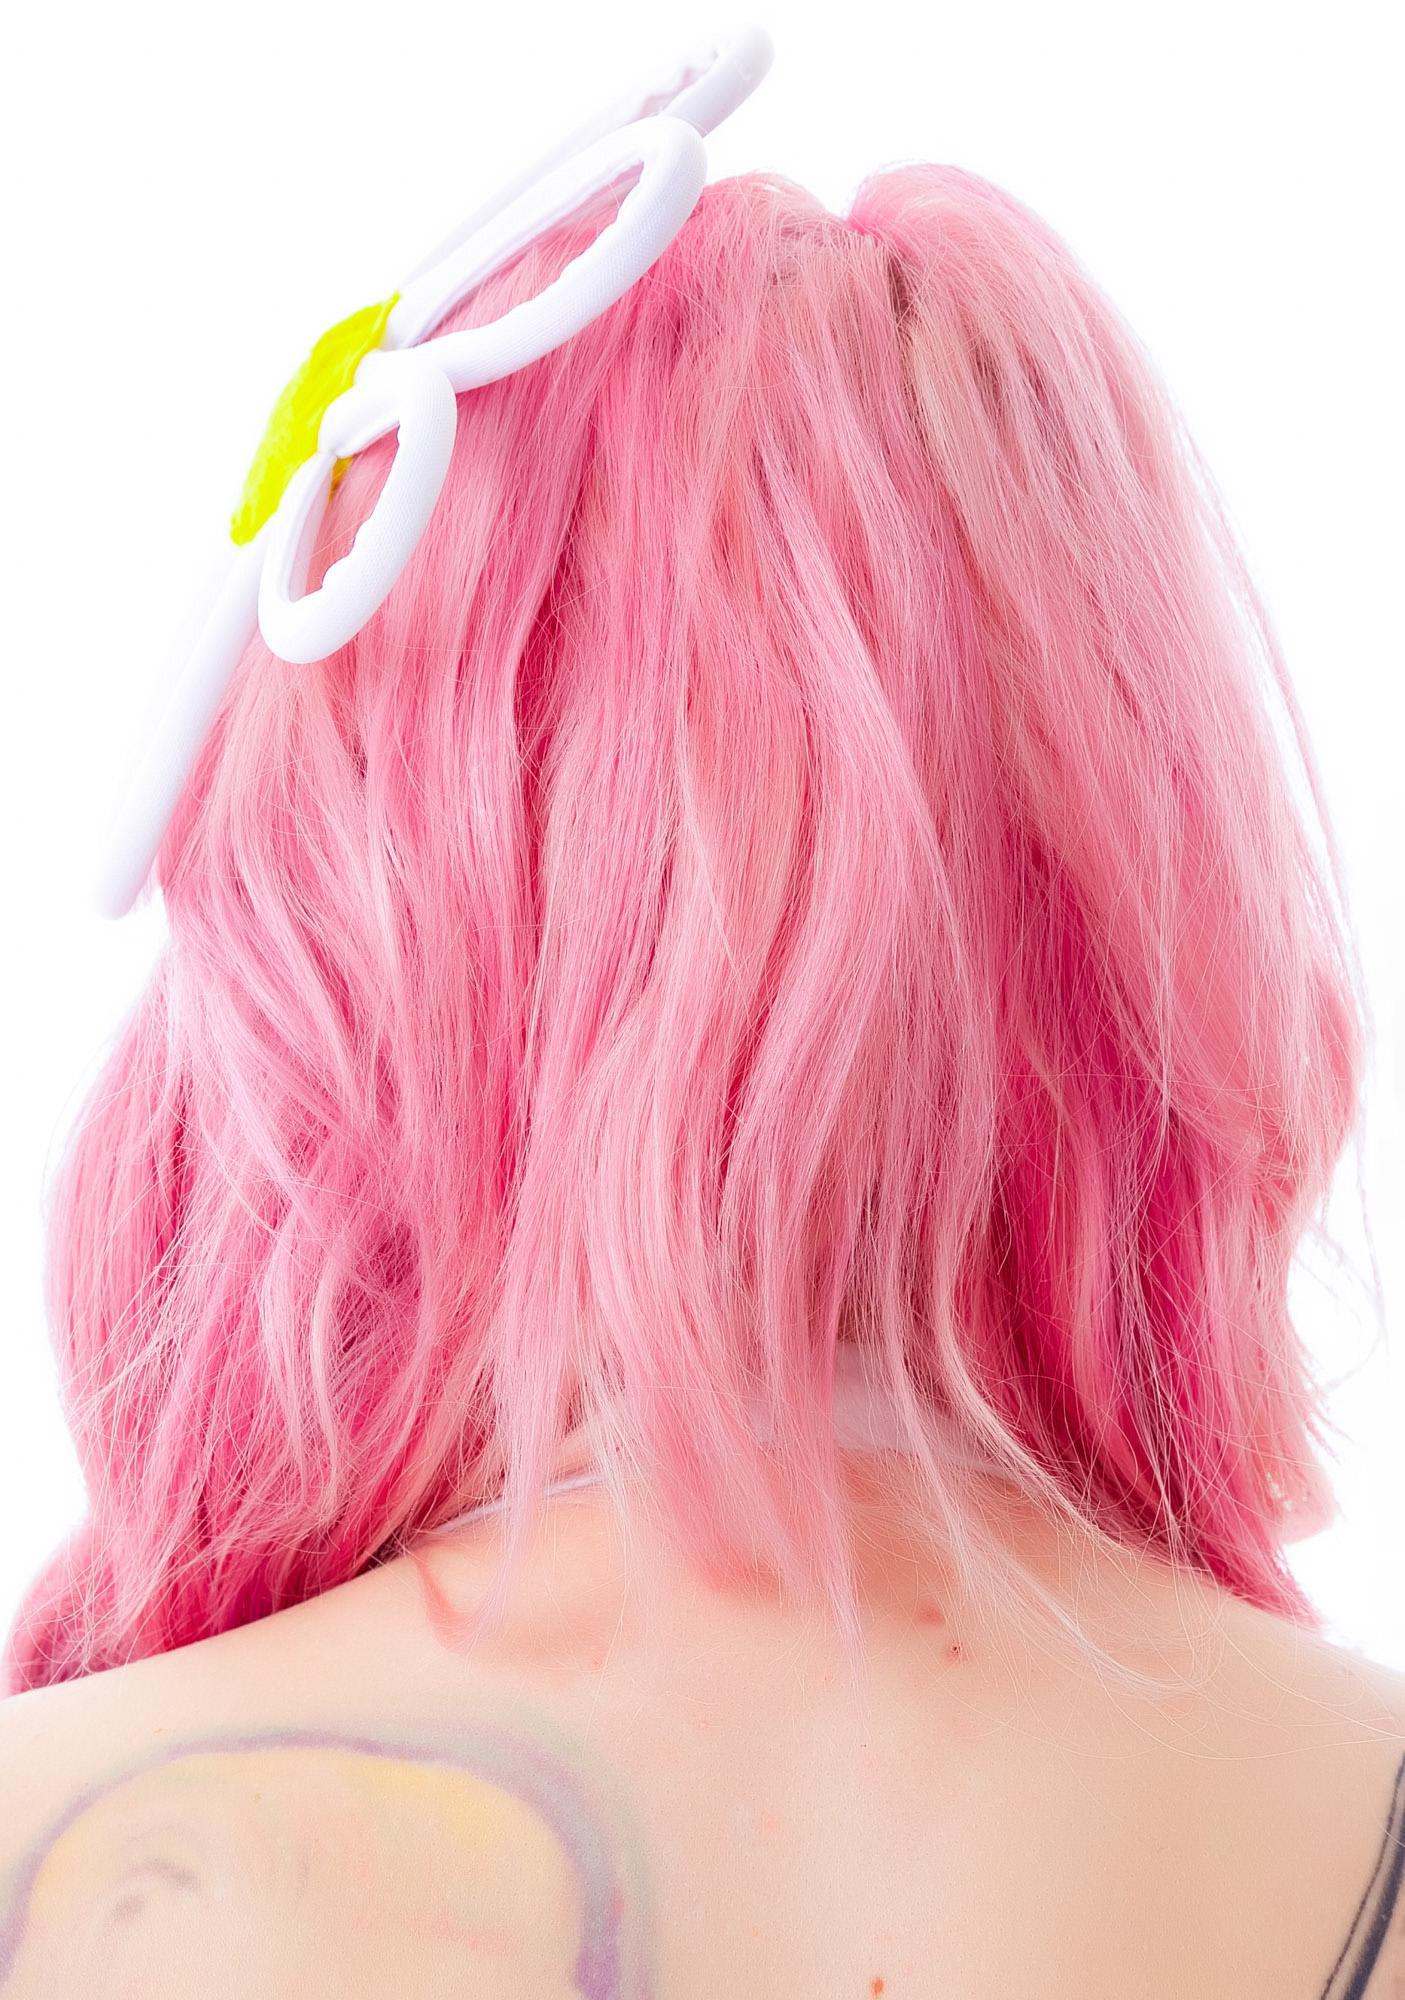 Daizy Trippin' Hair Clip